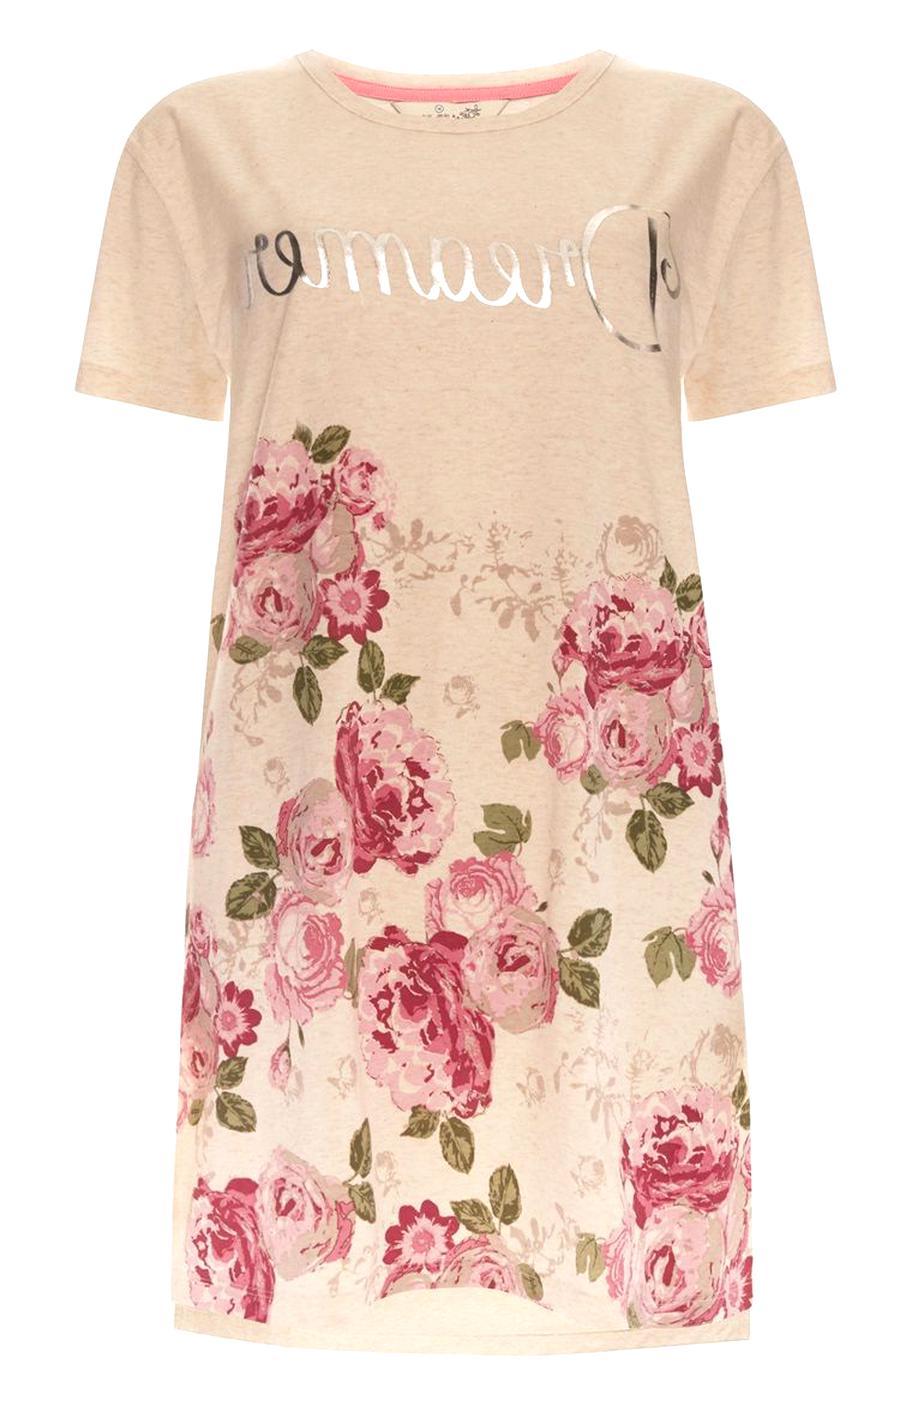 Kleidung & Accessoires Nachthemden und -shirts für Damen ...